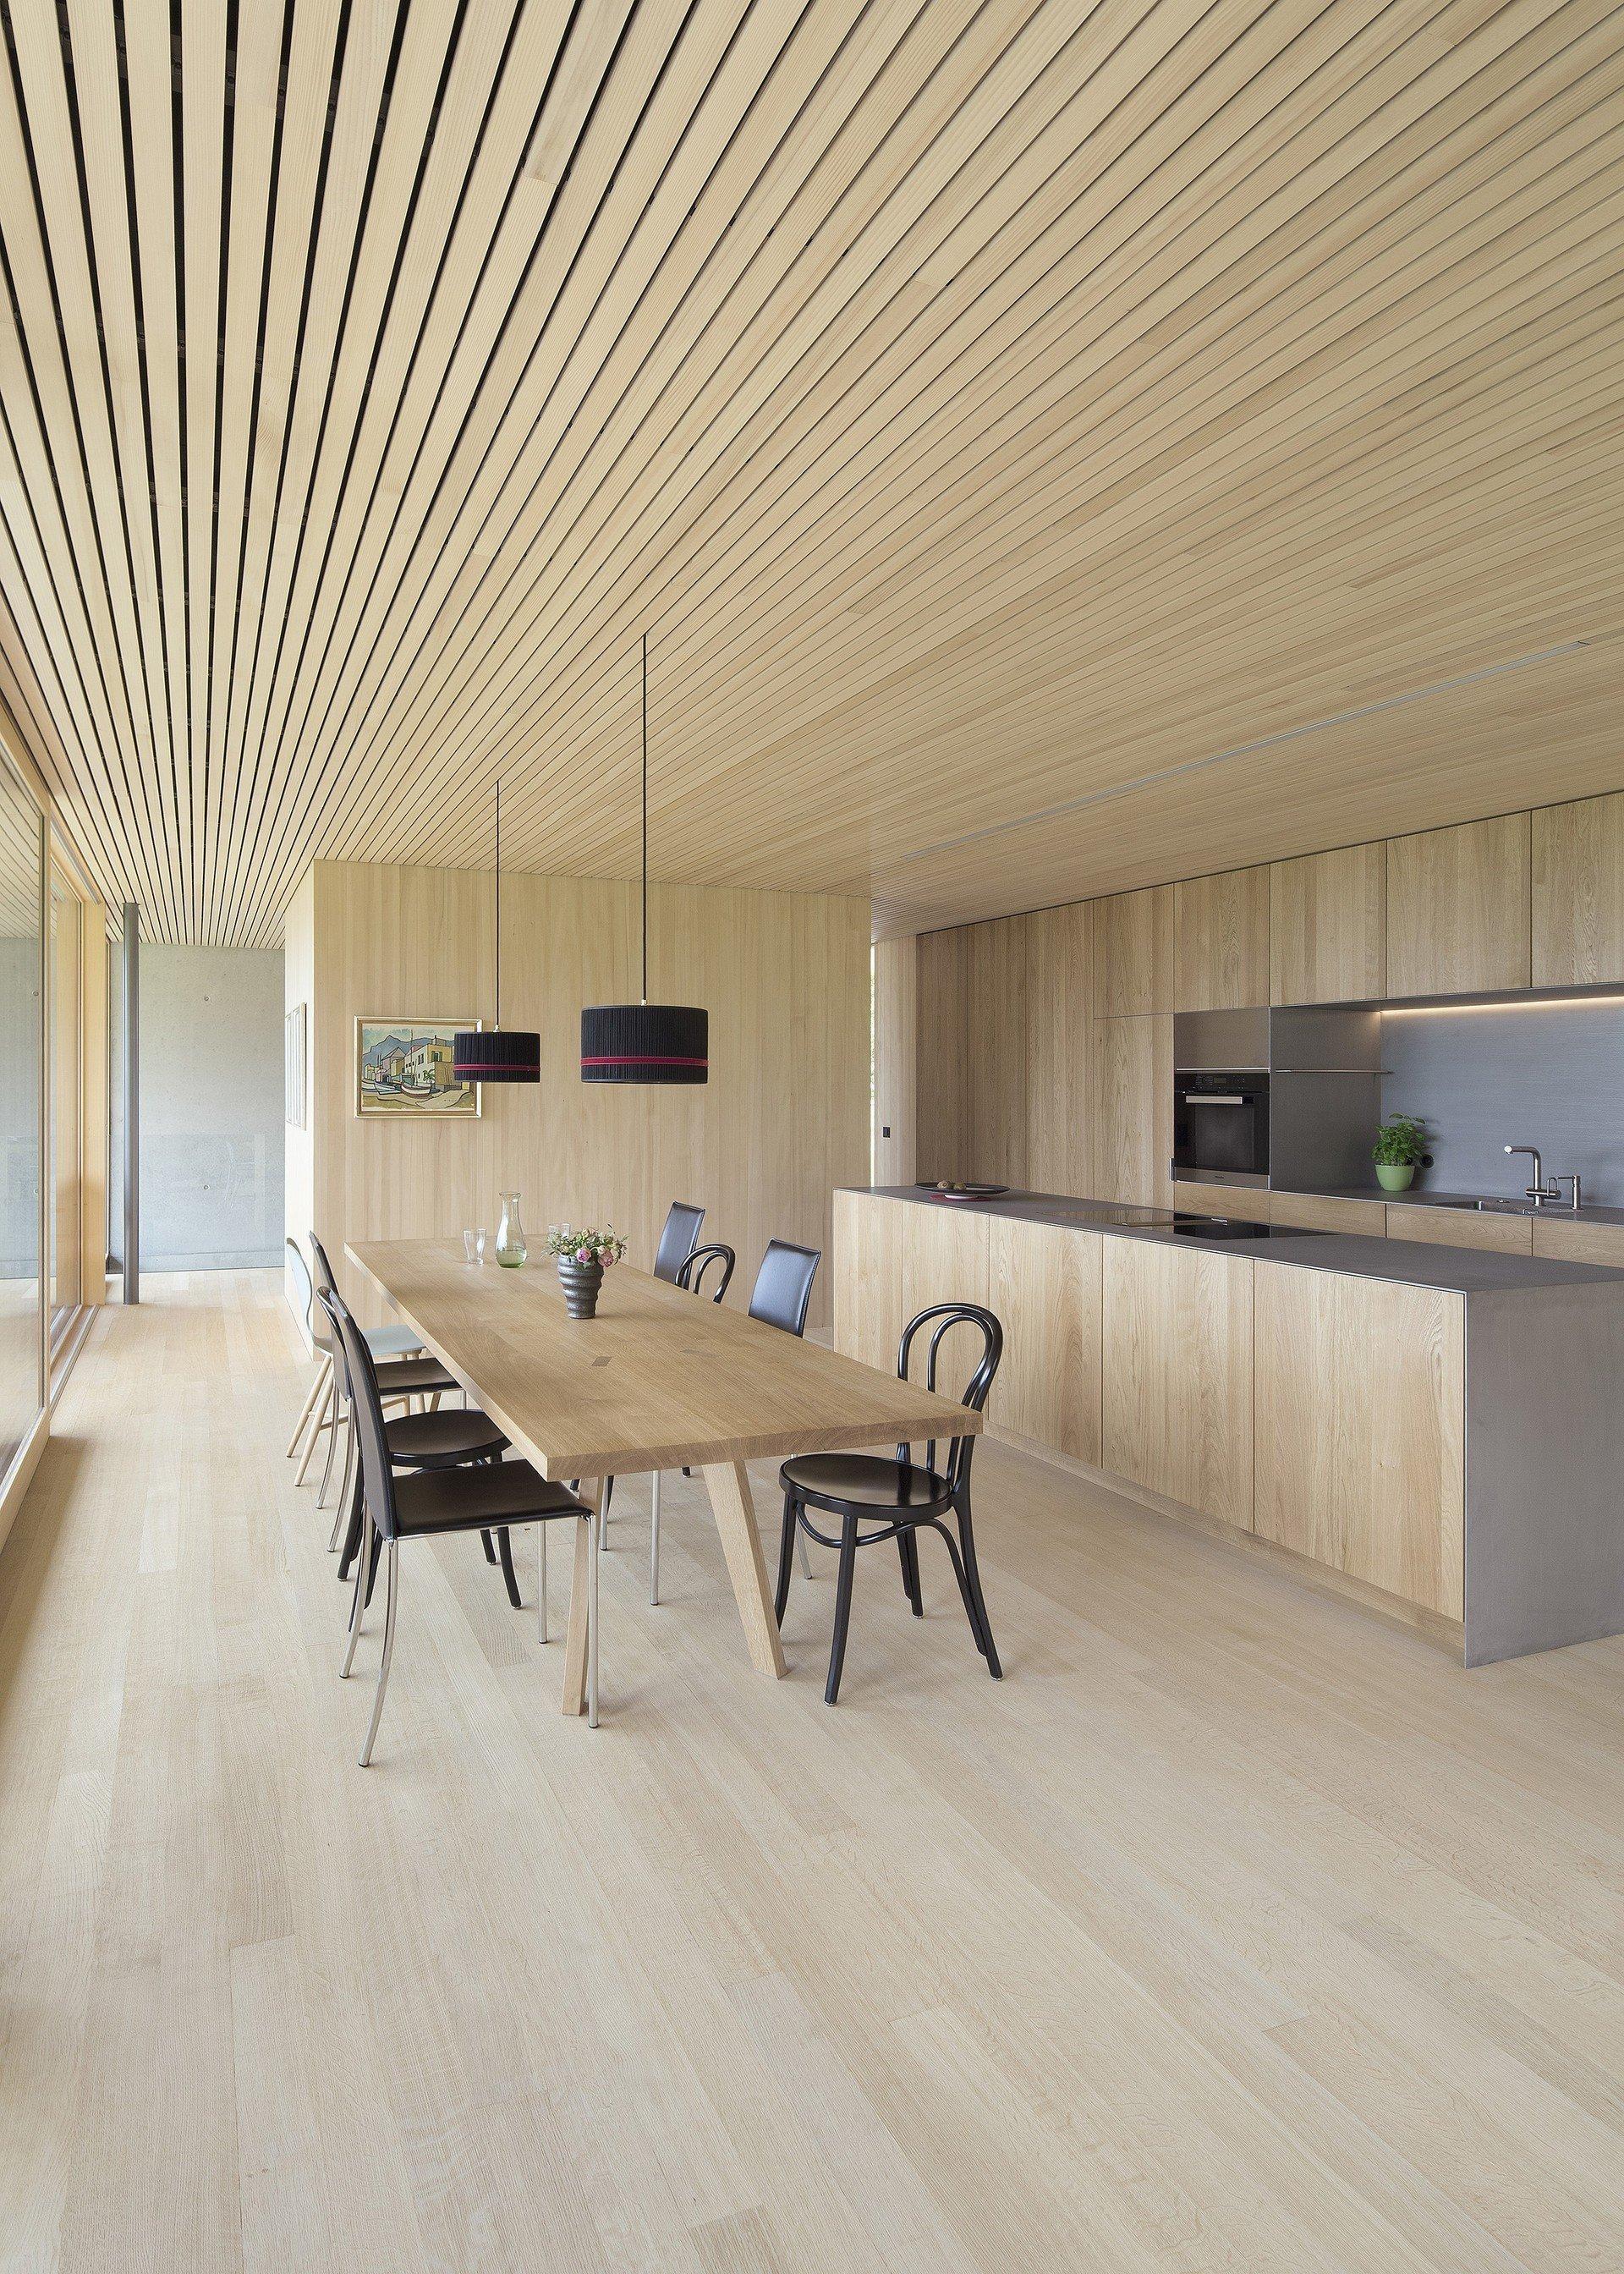 Dřevo je materiál, který pro stavbu a úpravy svých obydlí používali již naši dávní předci v hlubinách pravěku a ke kterému se rádi stále obracíme i my. Ceníme si ho pro jeho krásu, schopnost zateplit interiér i pro jeho univerzálnost. Dřevo přináší do našich interiérů kus přírody a může přitom plnit roli nosného prvku stejně jako prvku funkčního nebo estetického. Pro dřevostavby je navíc dřevo tím nejpřirozenějším materiálem a bez dřeva v interiéru by nebyly kompletní.